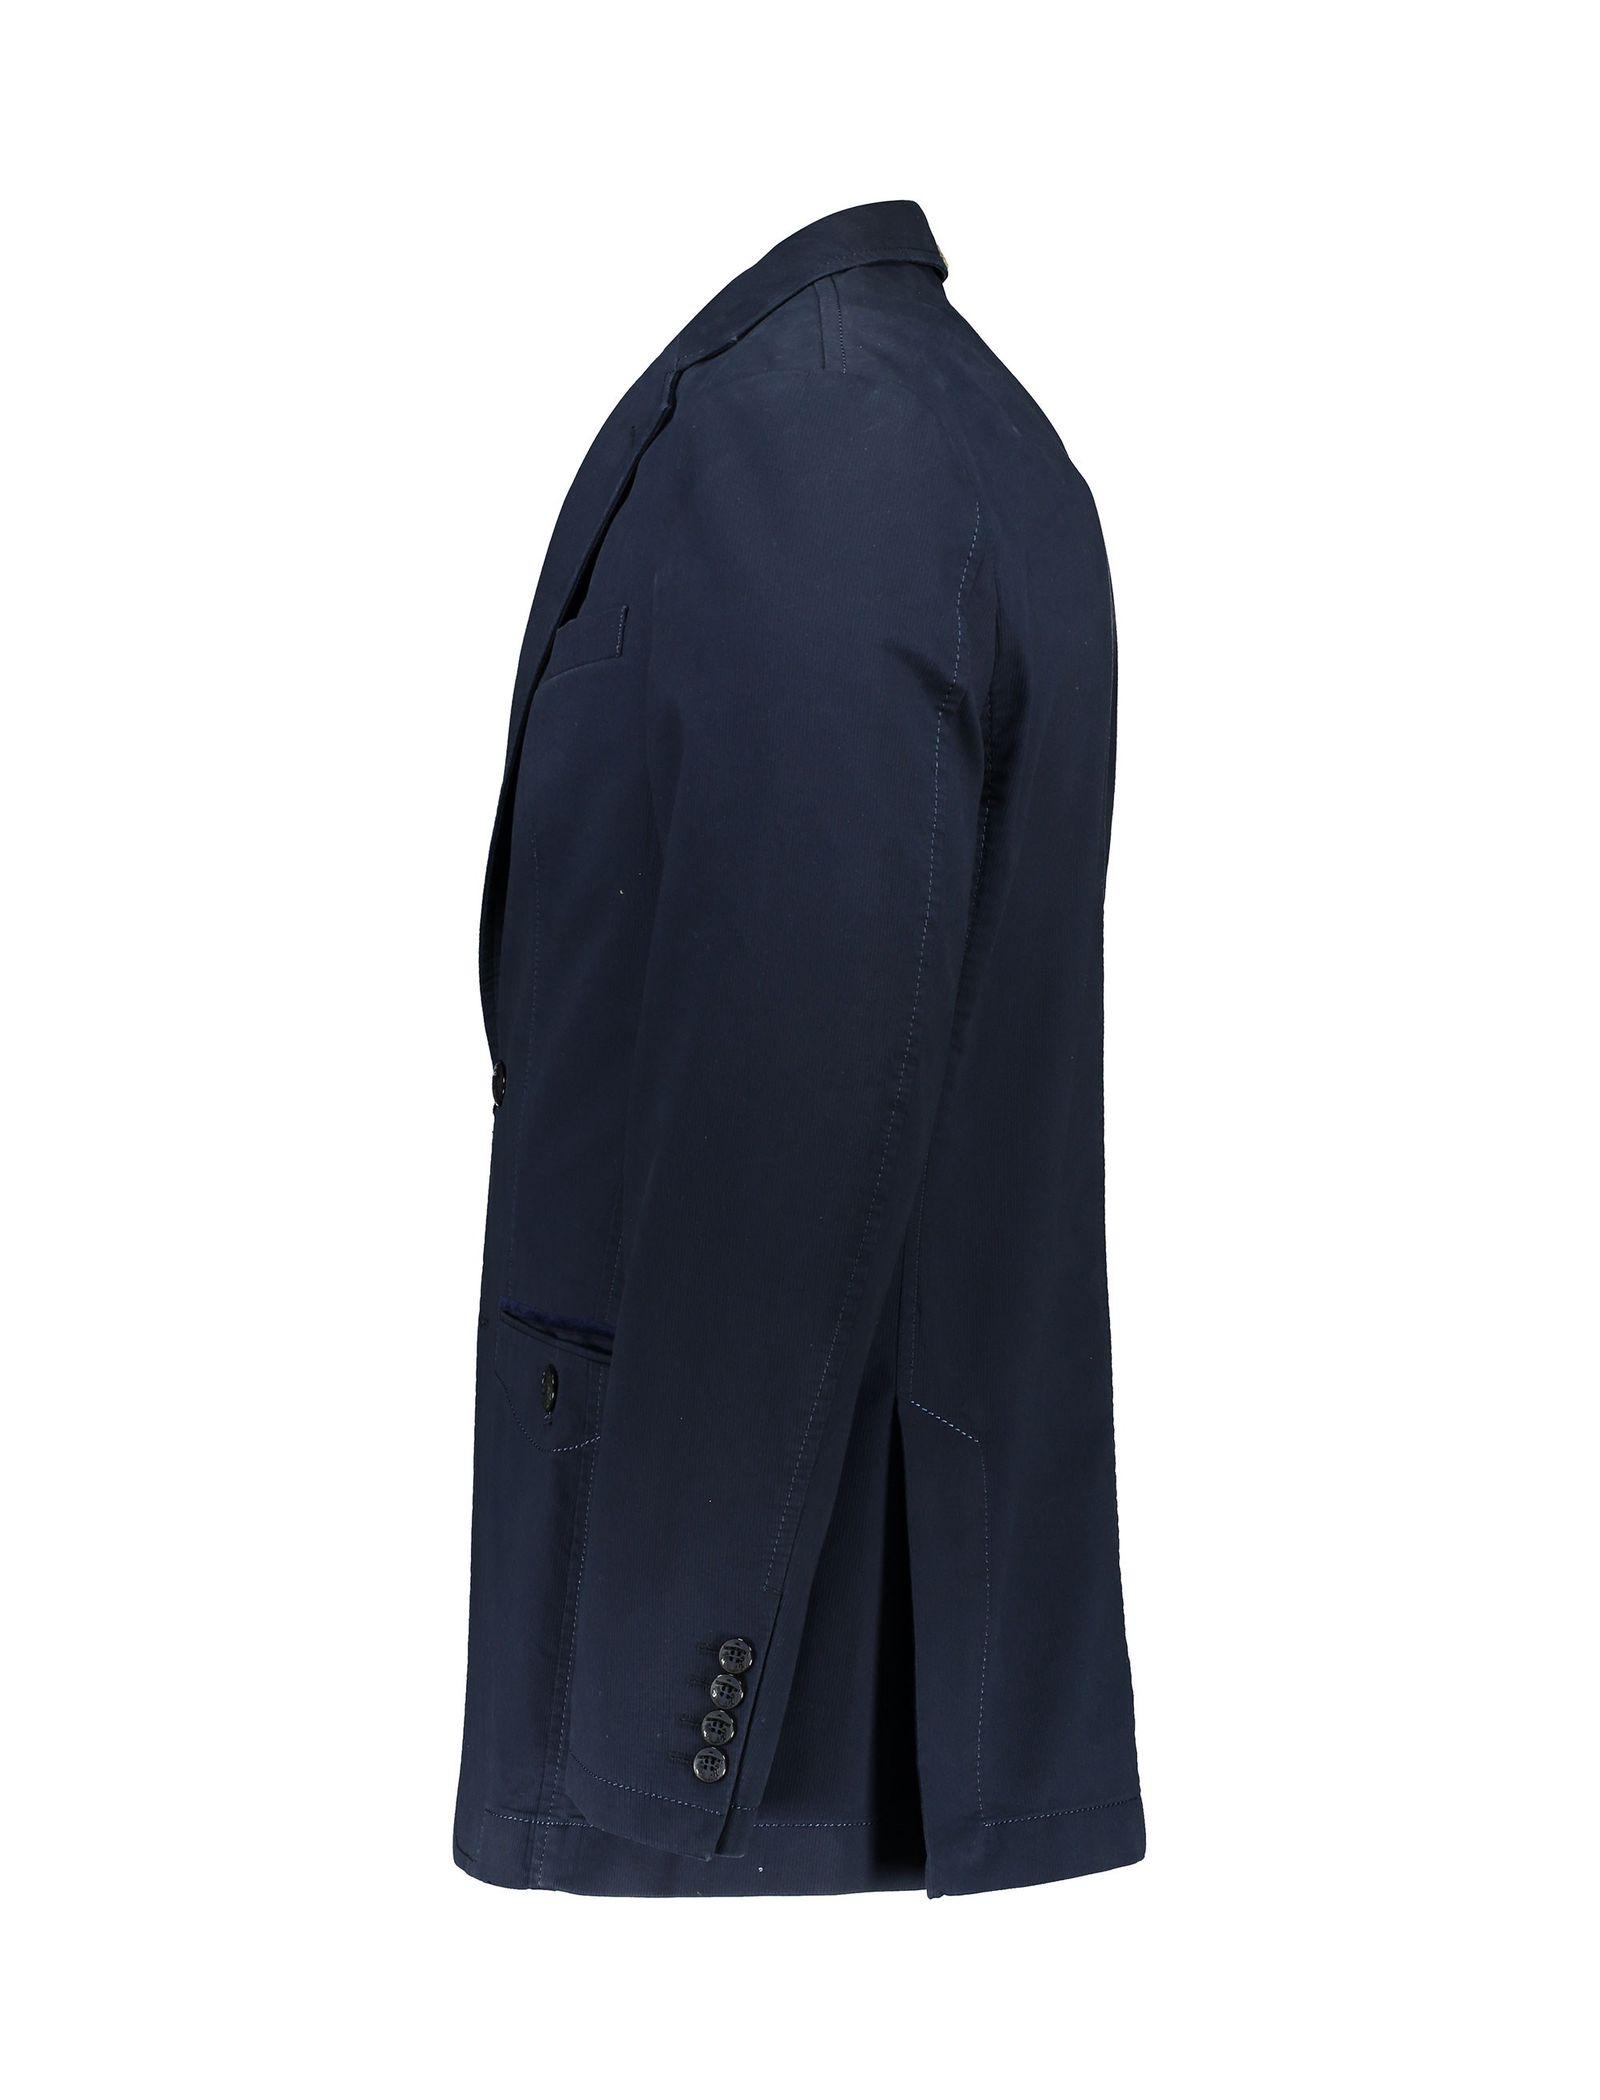 کت تک غیر رسمی مردانه - زاگرس پوش - سرمه اي - 2